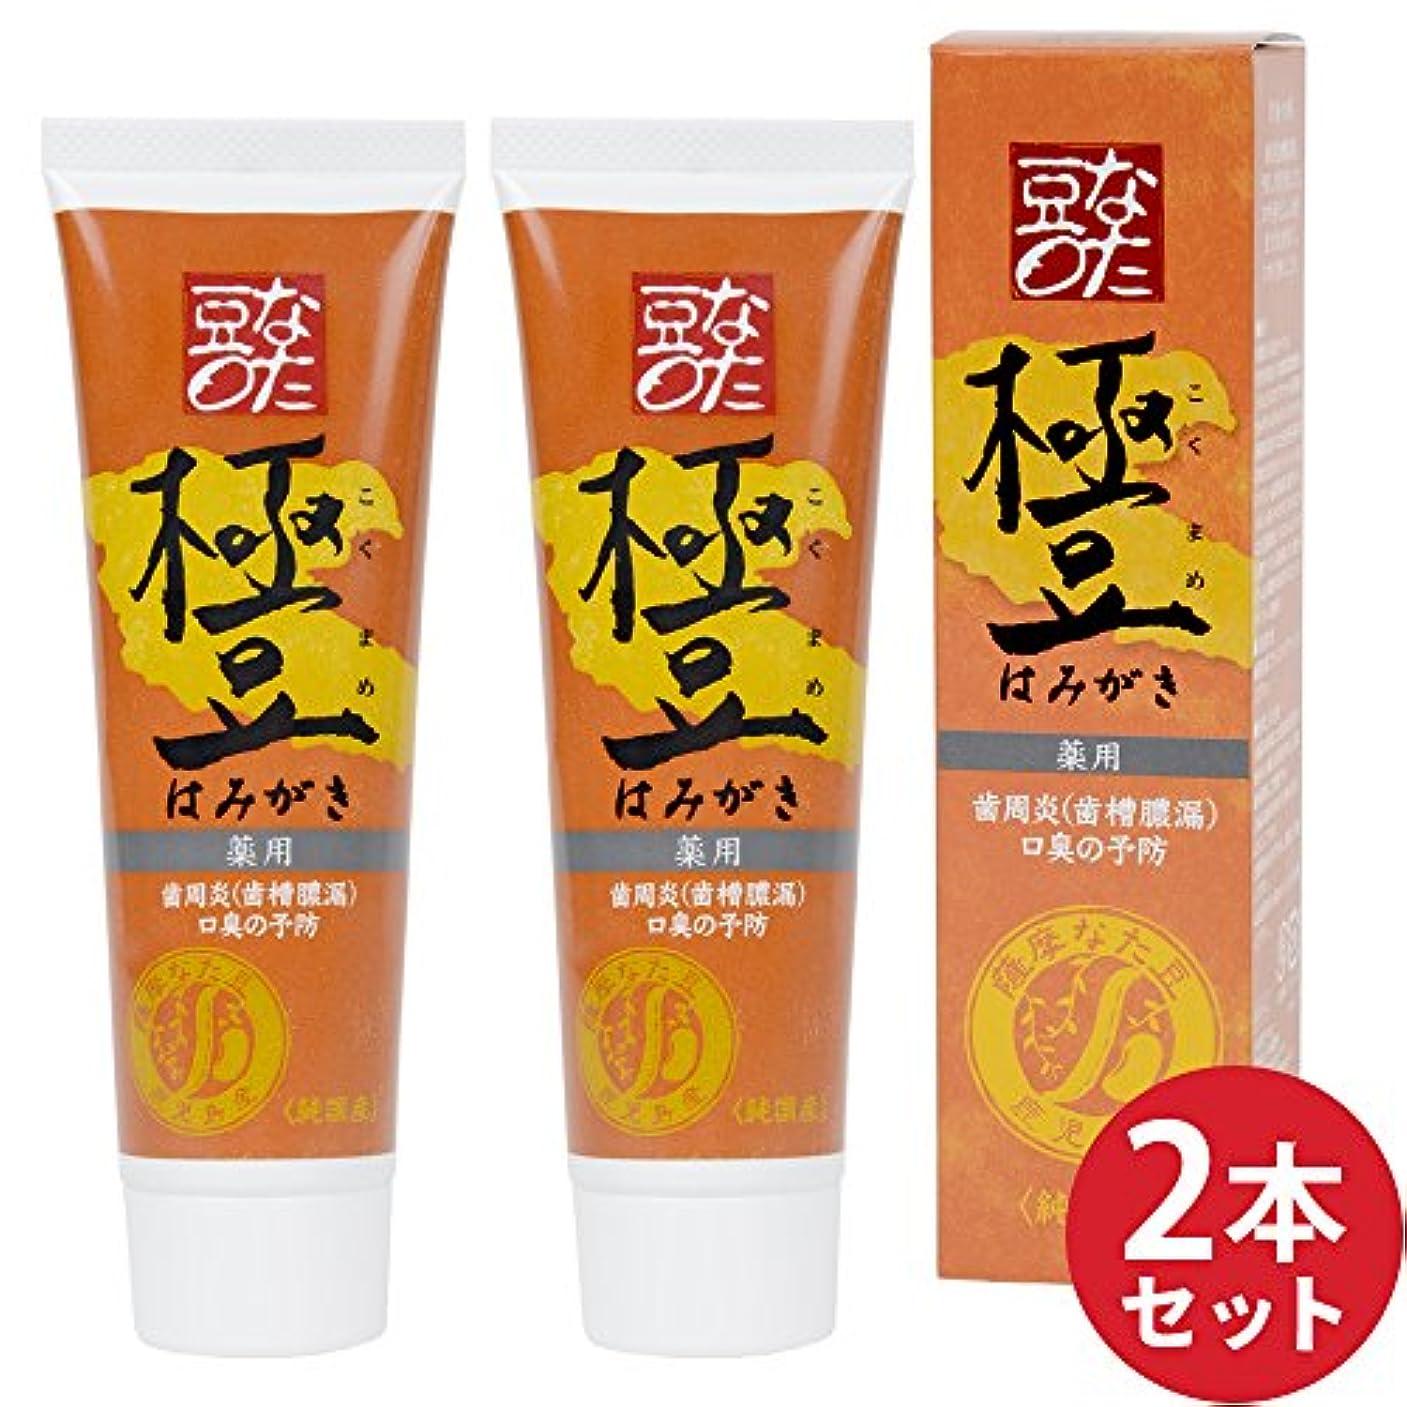 率直な革命つまらない2本セット【薬用】薩摩なた豆歯磨き(内容量:110g×2)